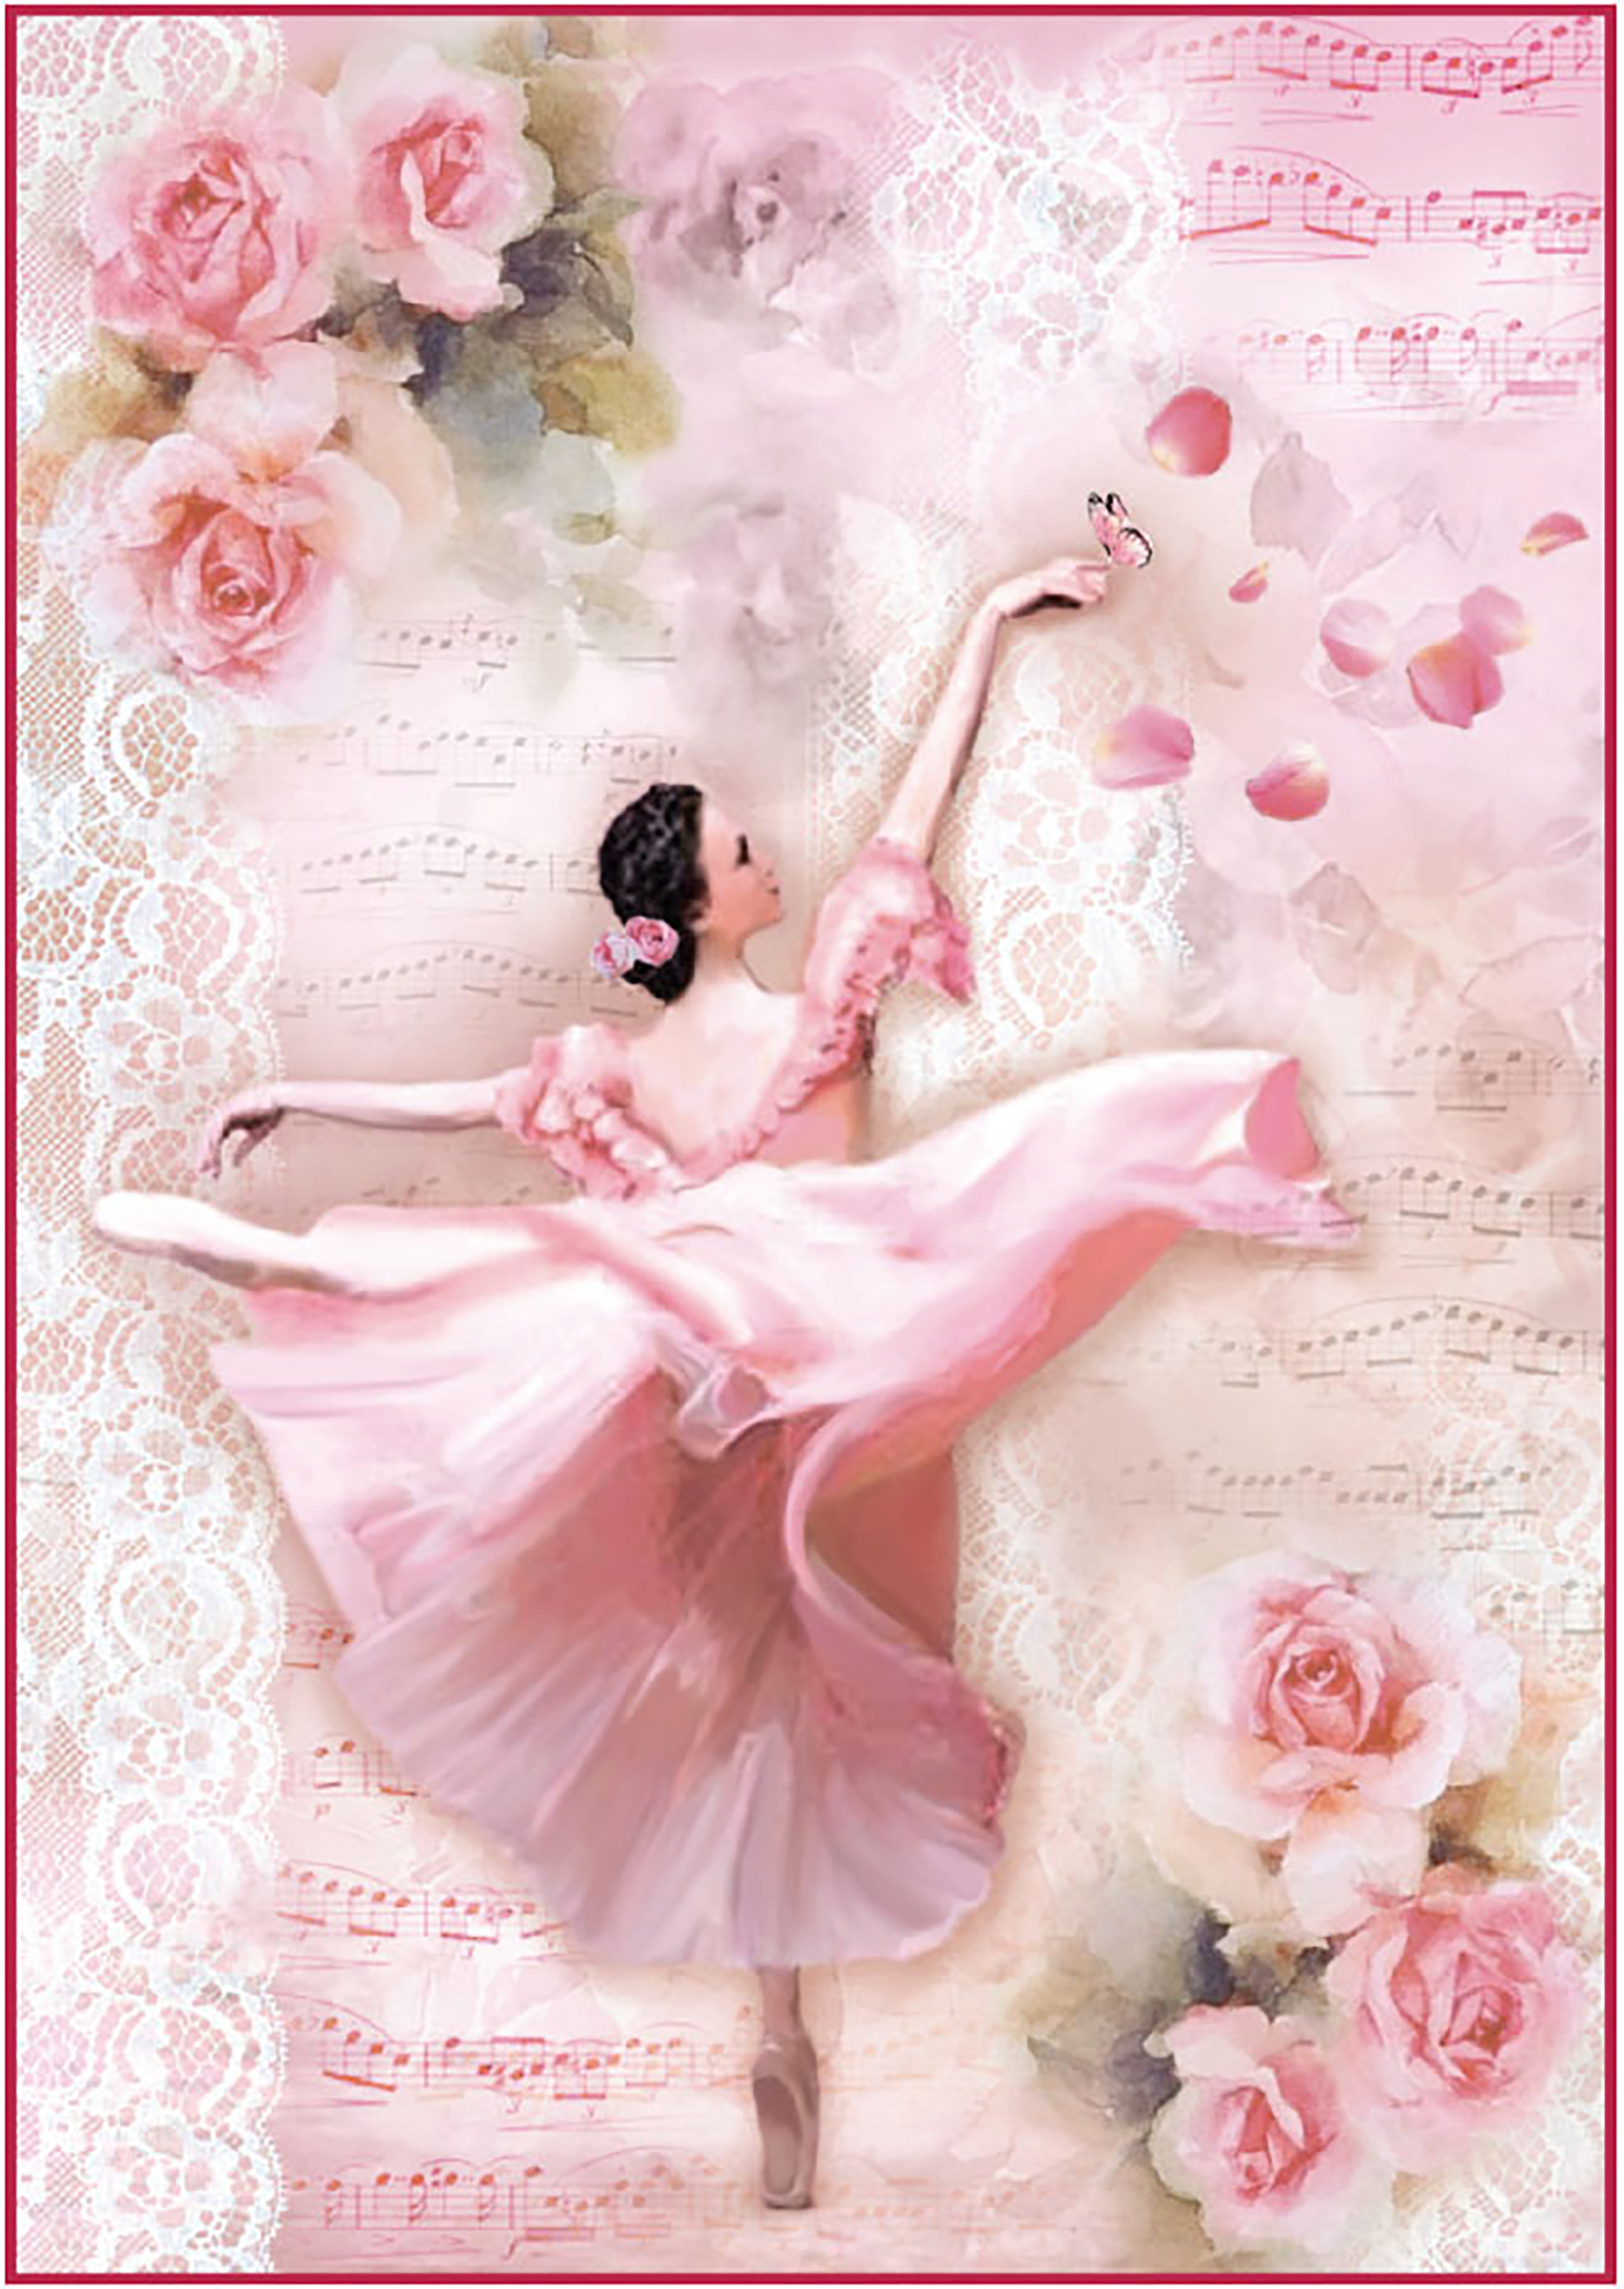 Rice Paper Dancer w/Petals